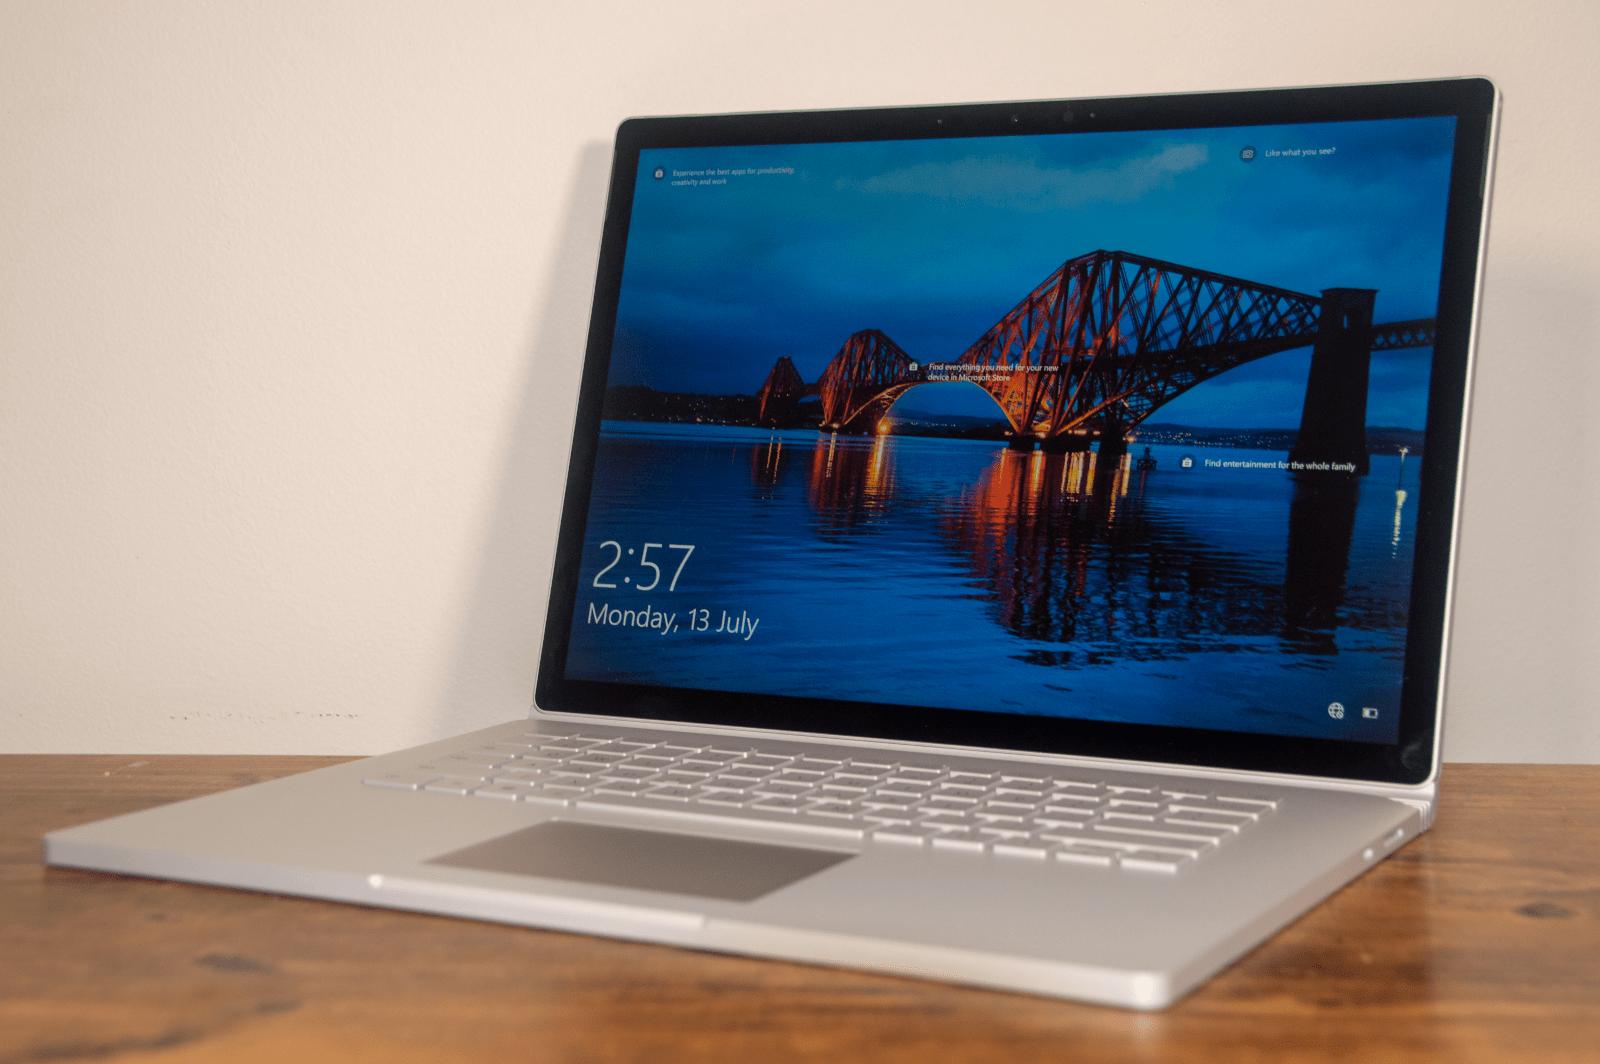 Microsoft tuyên bố rằng bạn sẽ nhận được 15 giờ sử dụng pin